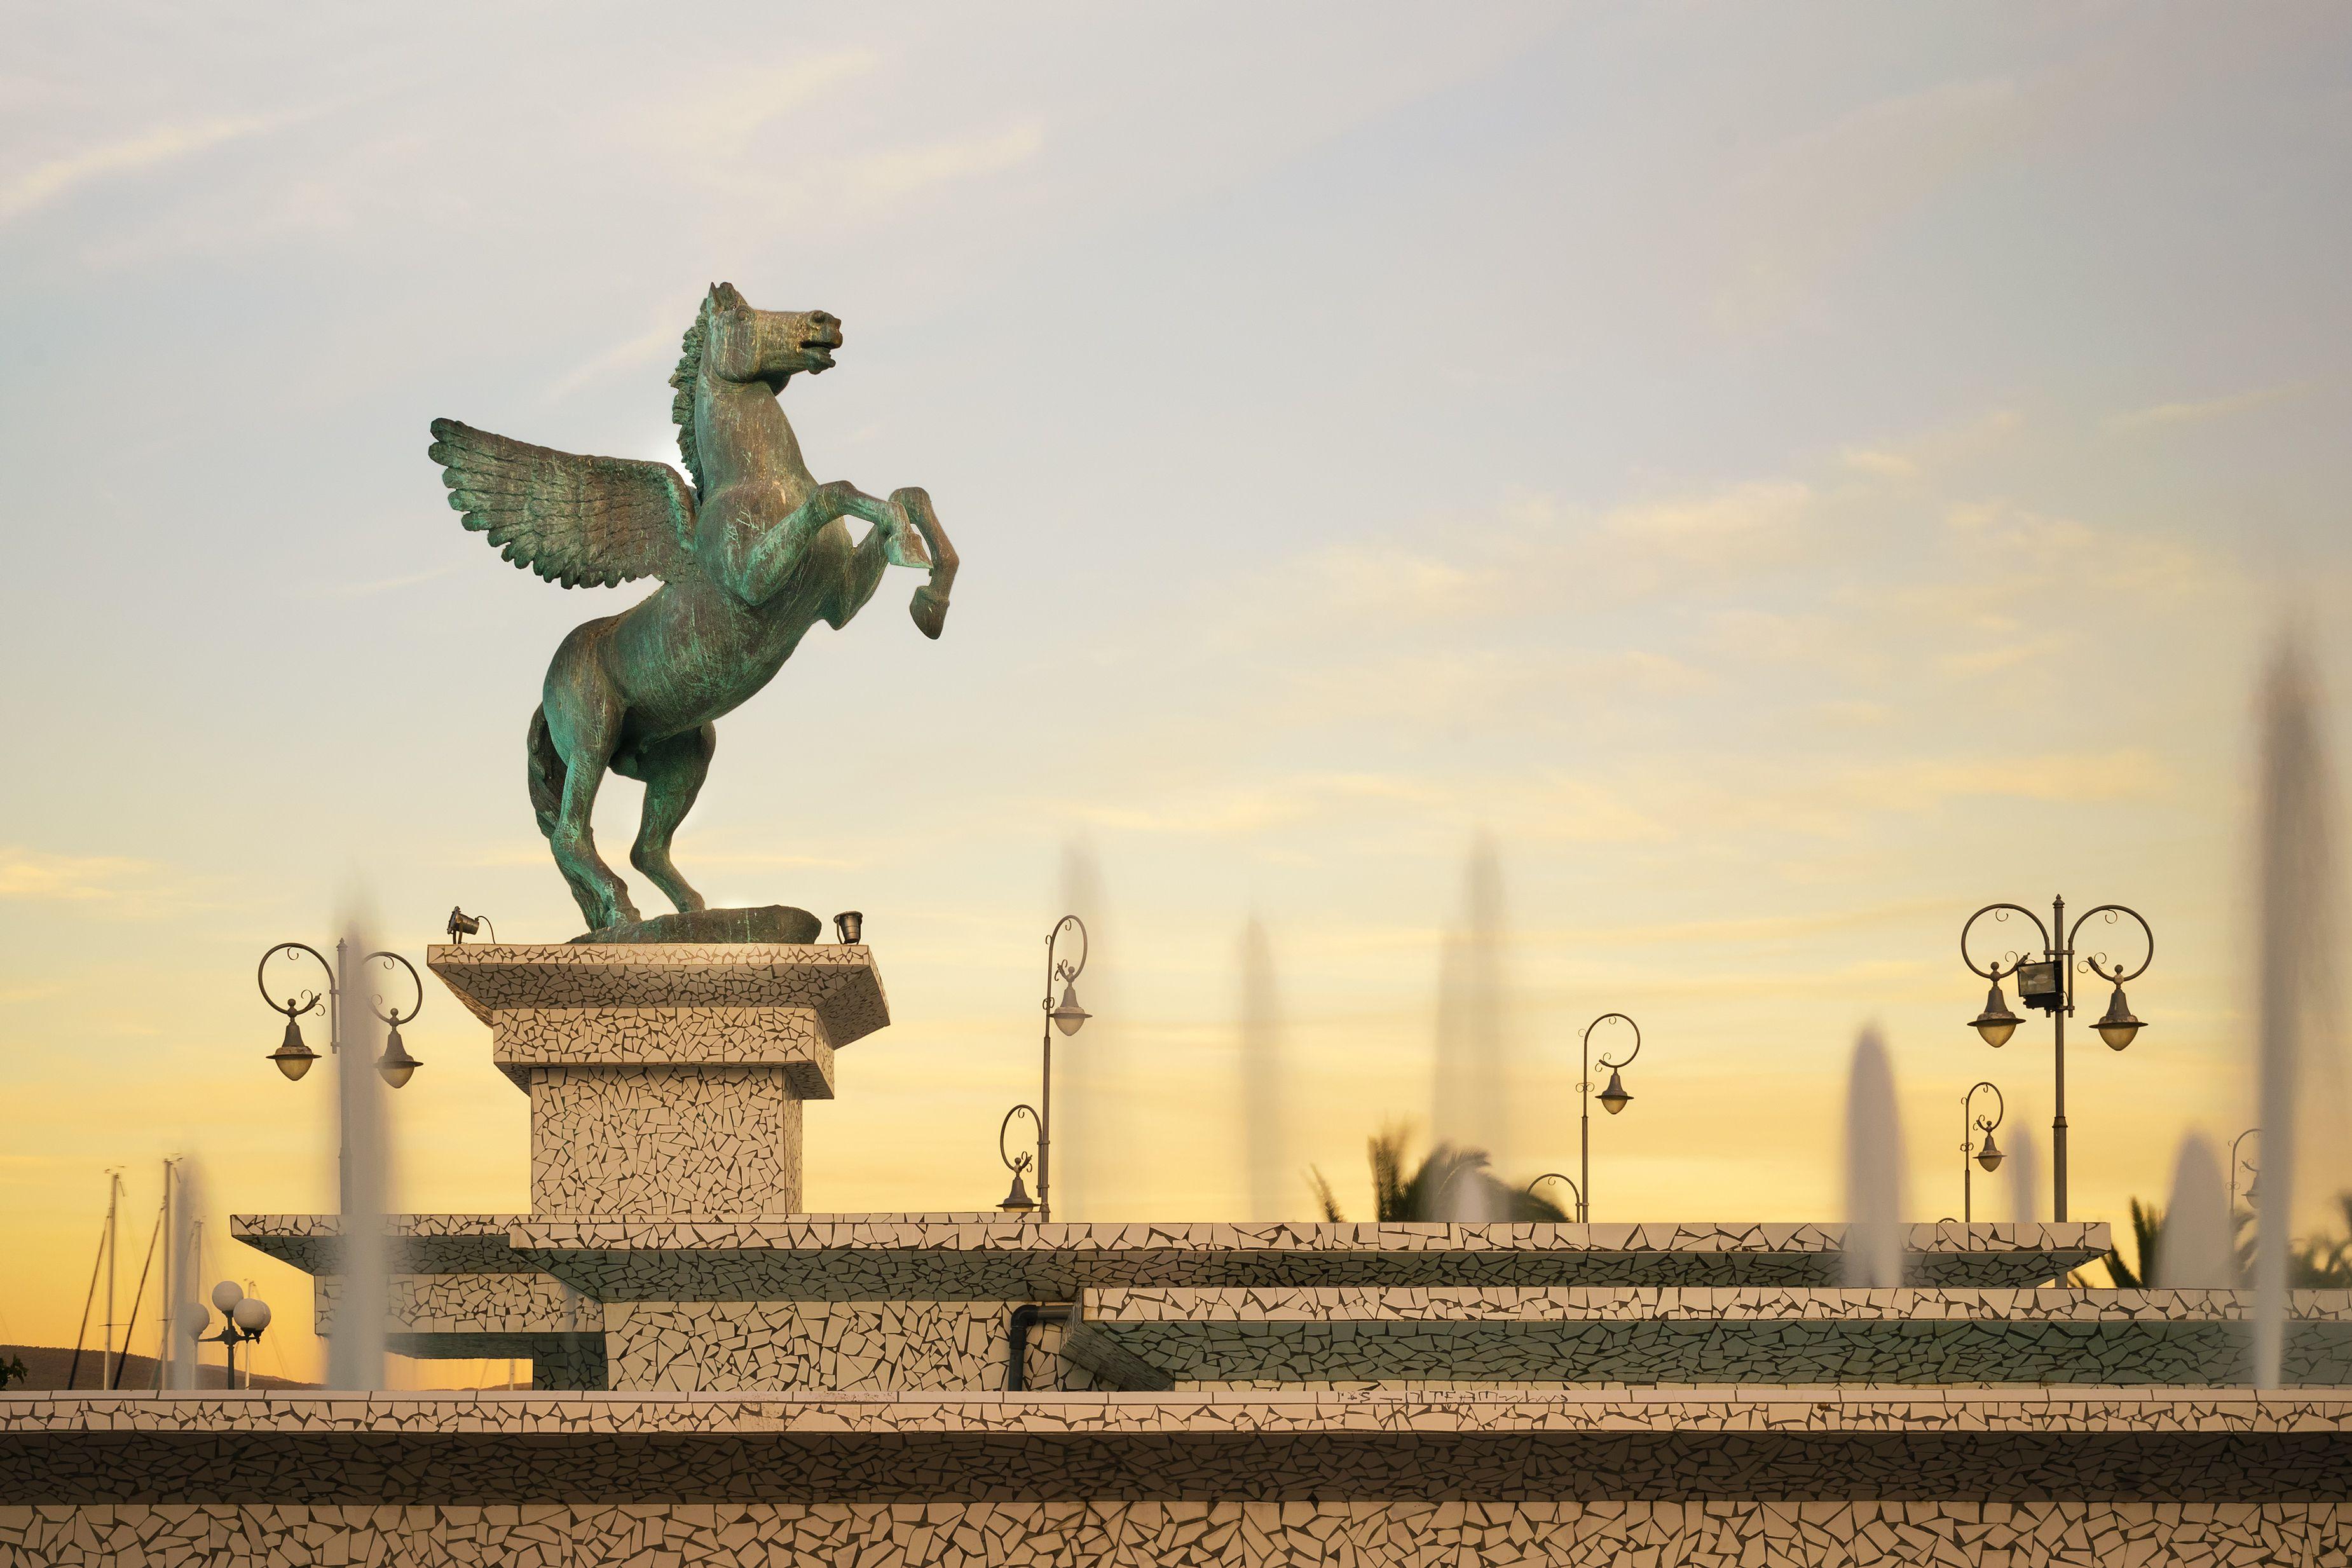 Pegasus: Winged Horse of Greek Mythology